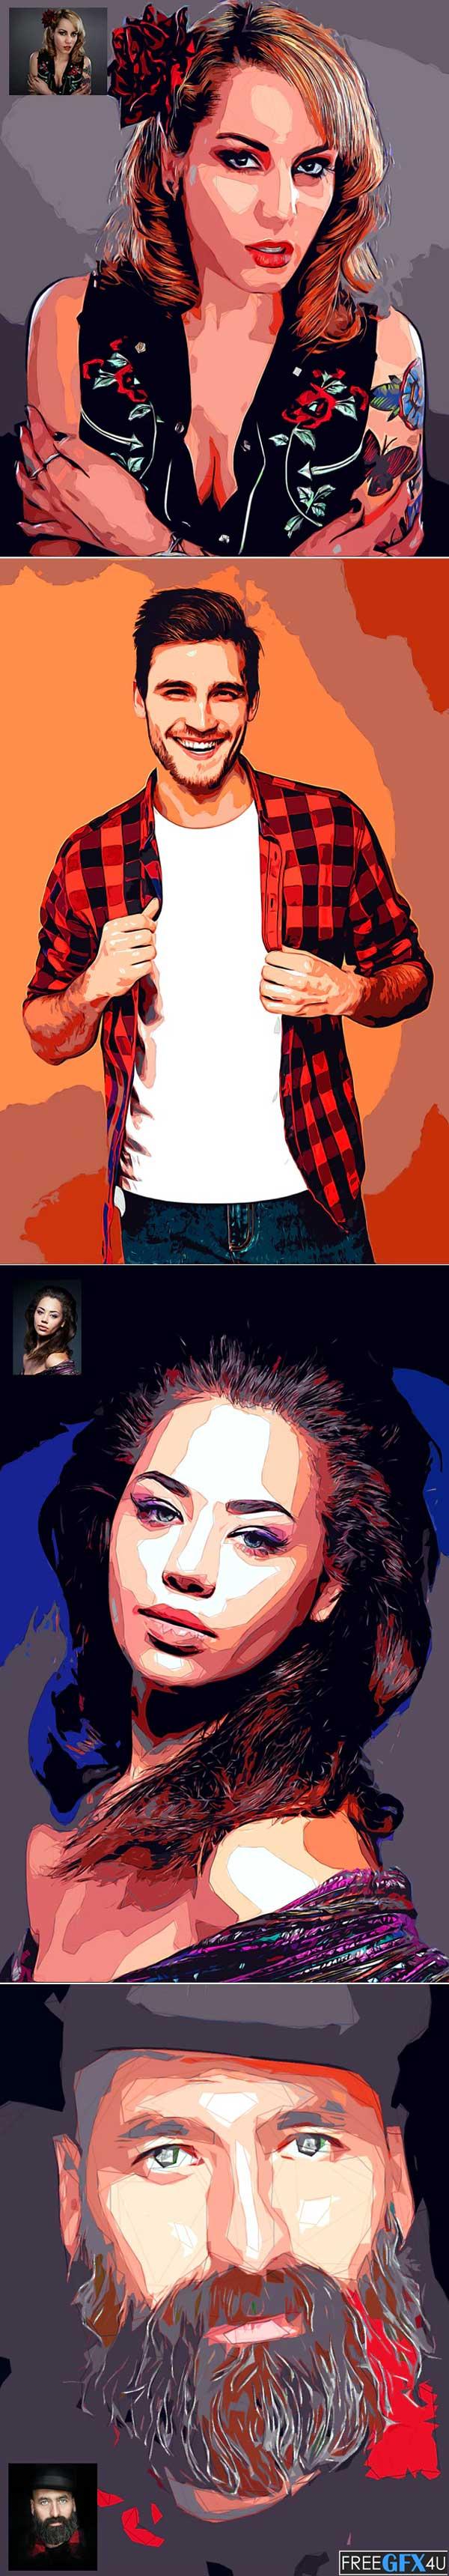 Color Cutout Photo Effect